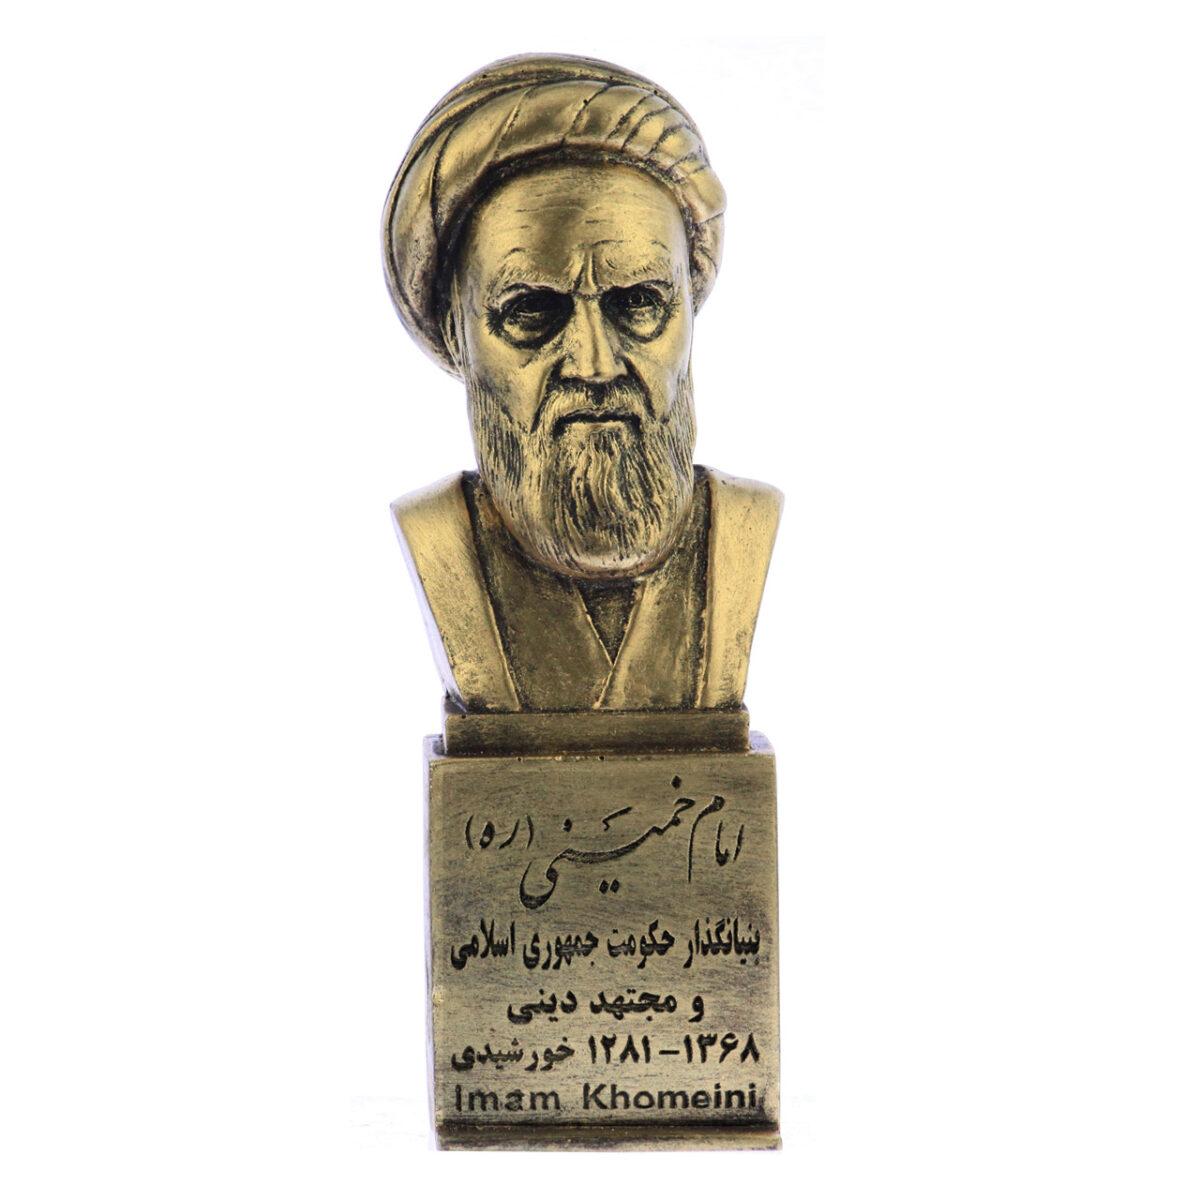 khomeini b 1200x1200 - سردیس روح الله موسوی خمینی